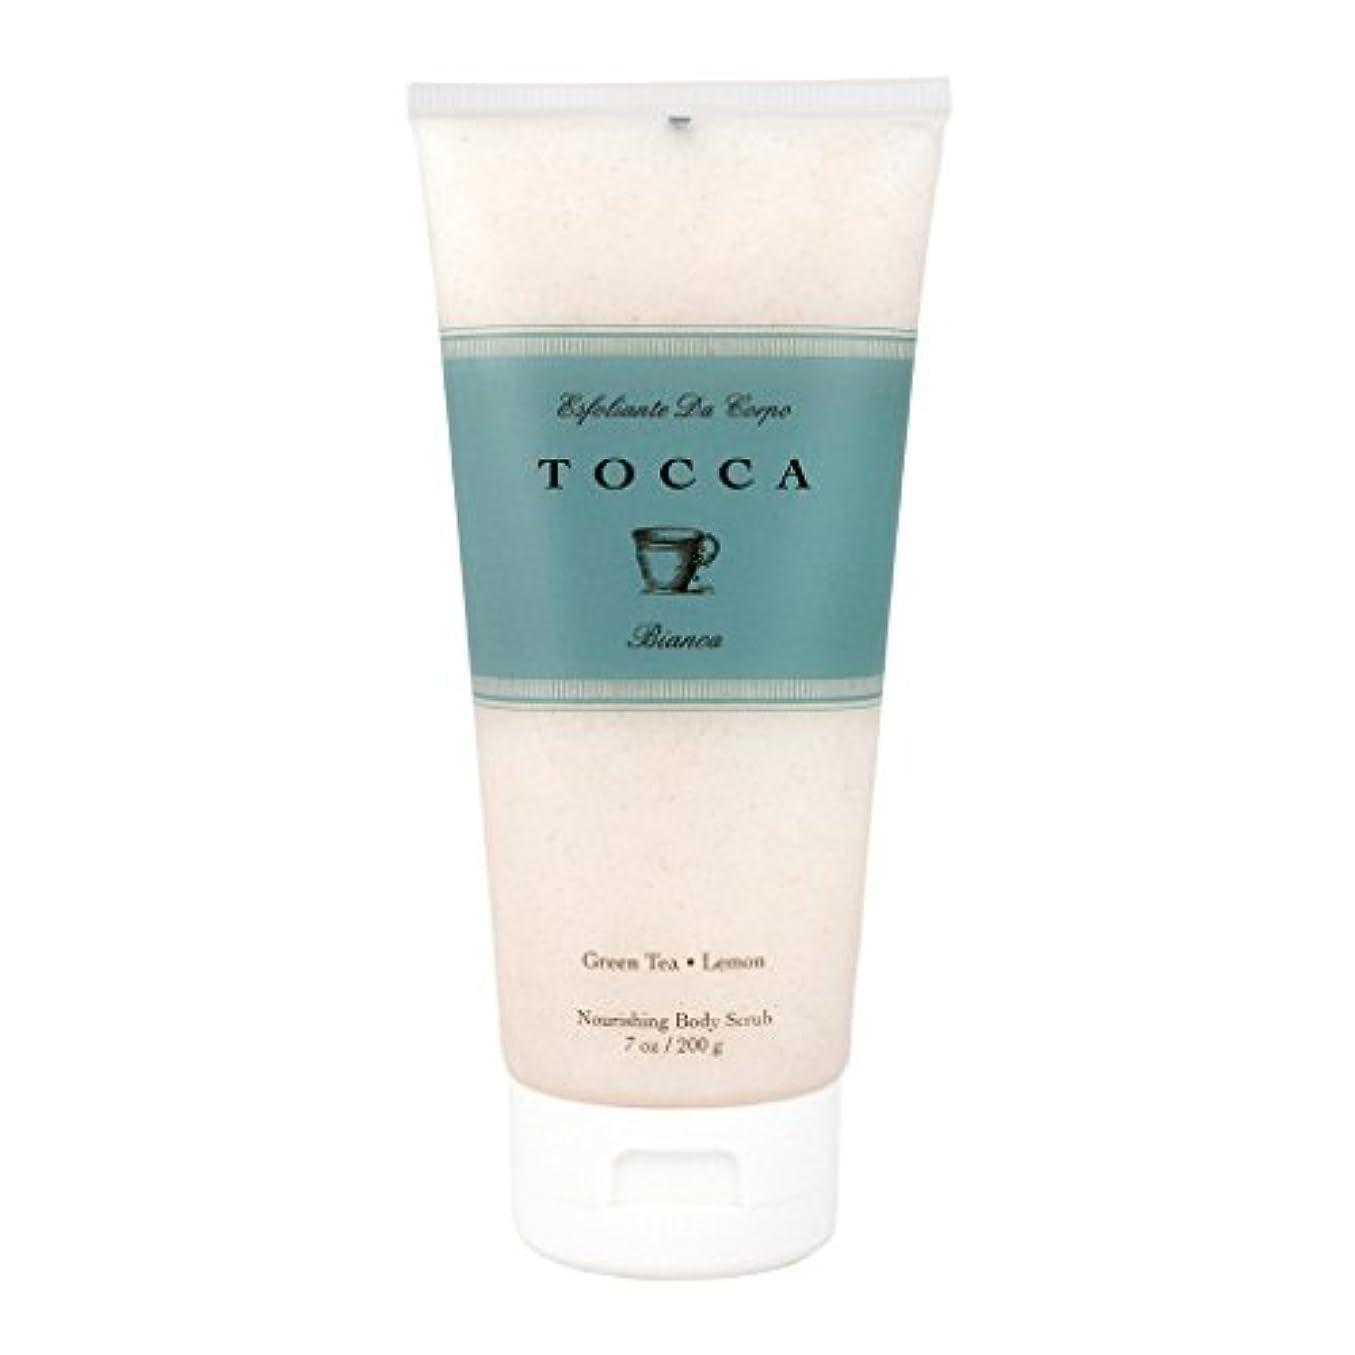 猟犬型加速度トッカ(TOCCA) ボディーケアスクラブ  ビアンカの香り 200ml(全身?ボディー用マッサージ料 シトラスとグリーンティー、ローズが絶妙に溶け合ったほのかに甘さ漂うフレッシュな香り)